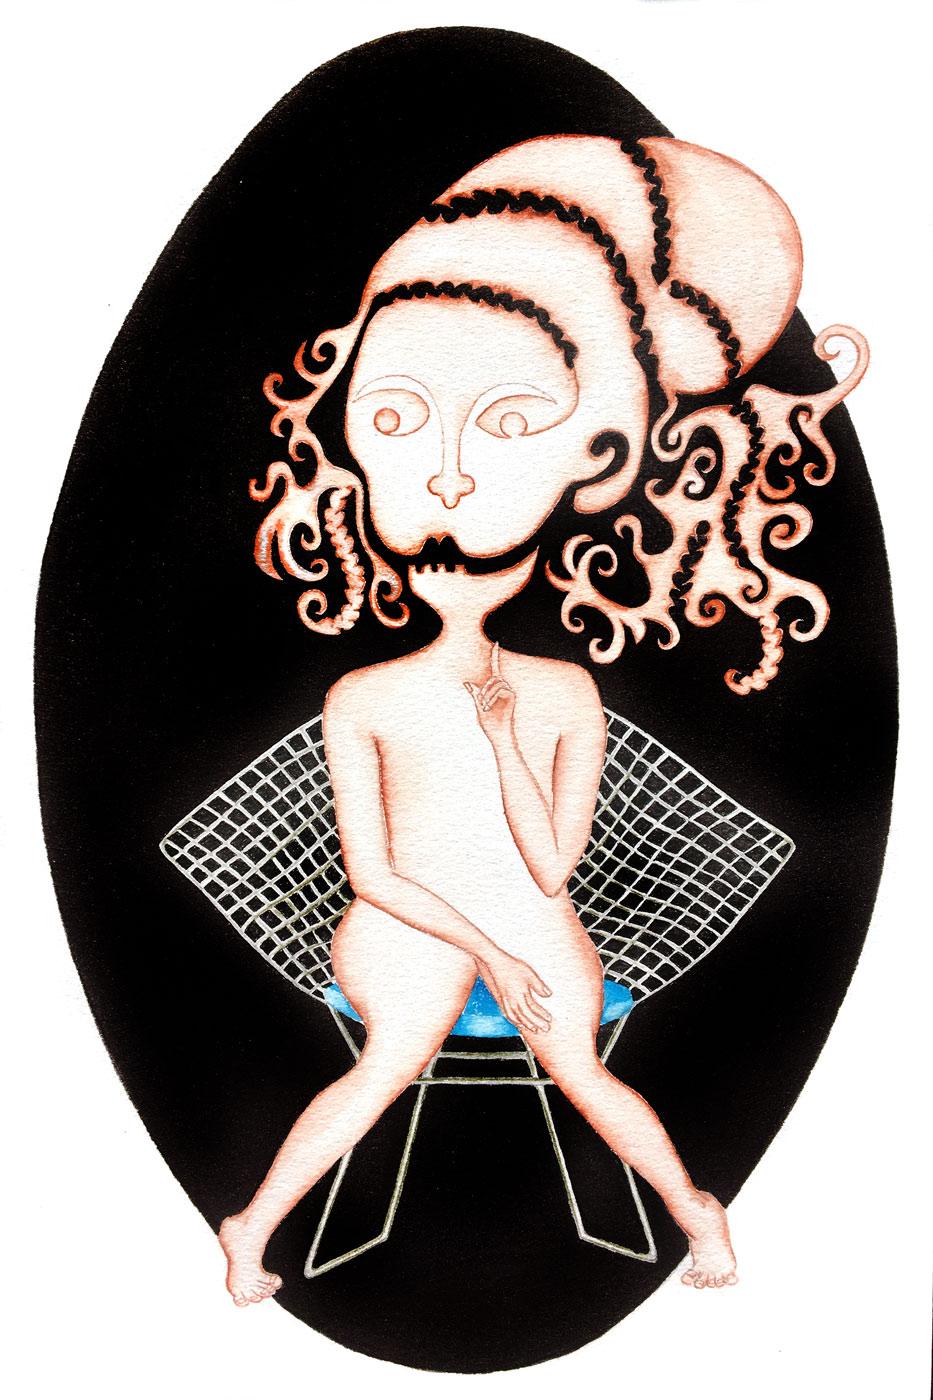 Zodiaque - Vierge sur un fauteuil bertoya | 30 x 20 cm